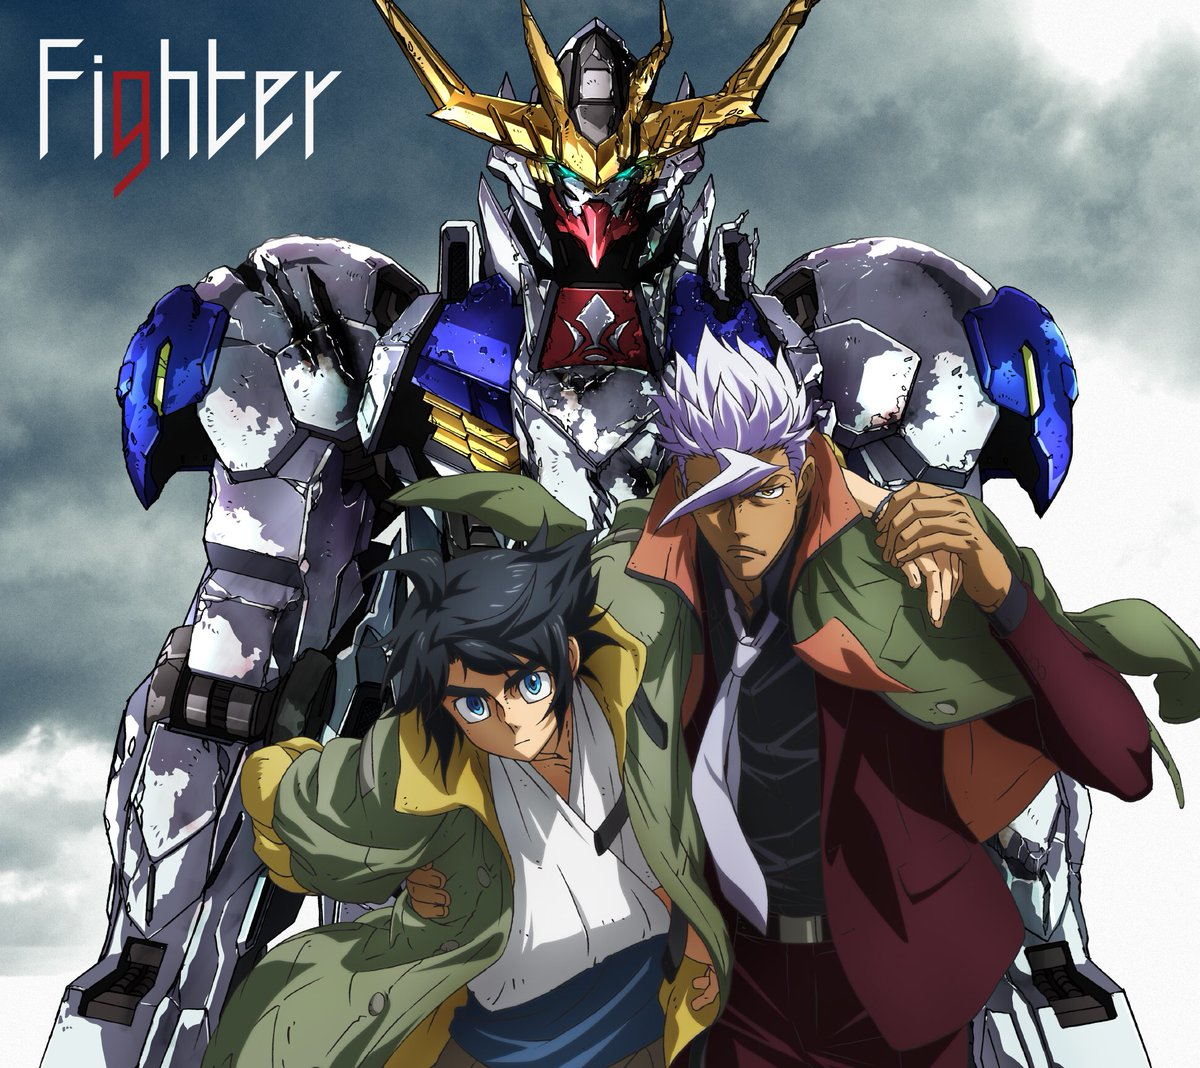 KANA-BOONさんが歌う、OPテーマ「Fighter」のアニメ盤ジャケットが公開となりました。3…